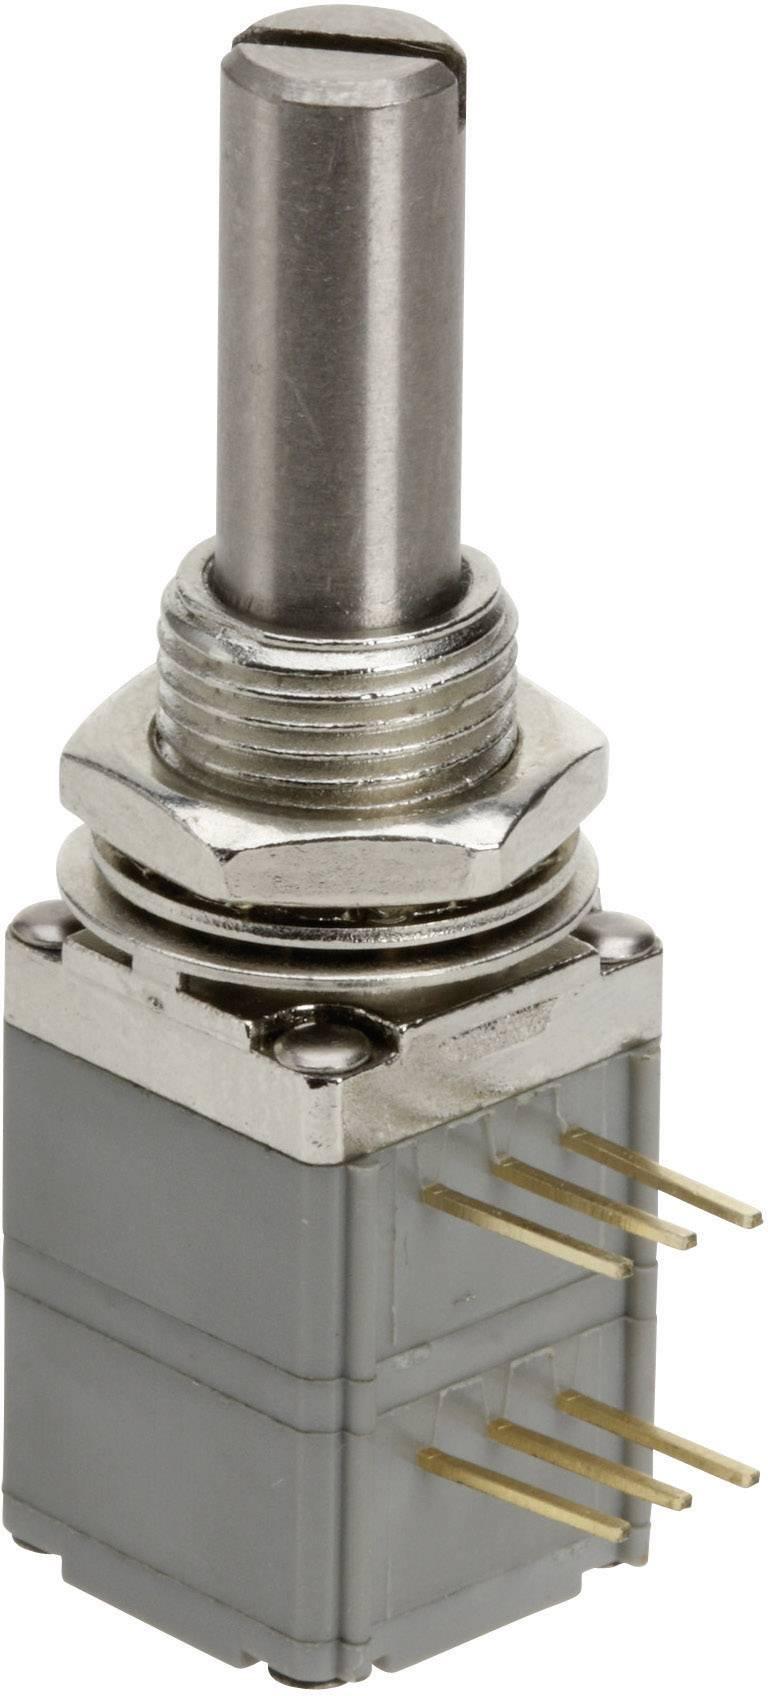 Cermetový potenciometer TT Electro, 4113904960, 50 kΩ, ± 10%